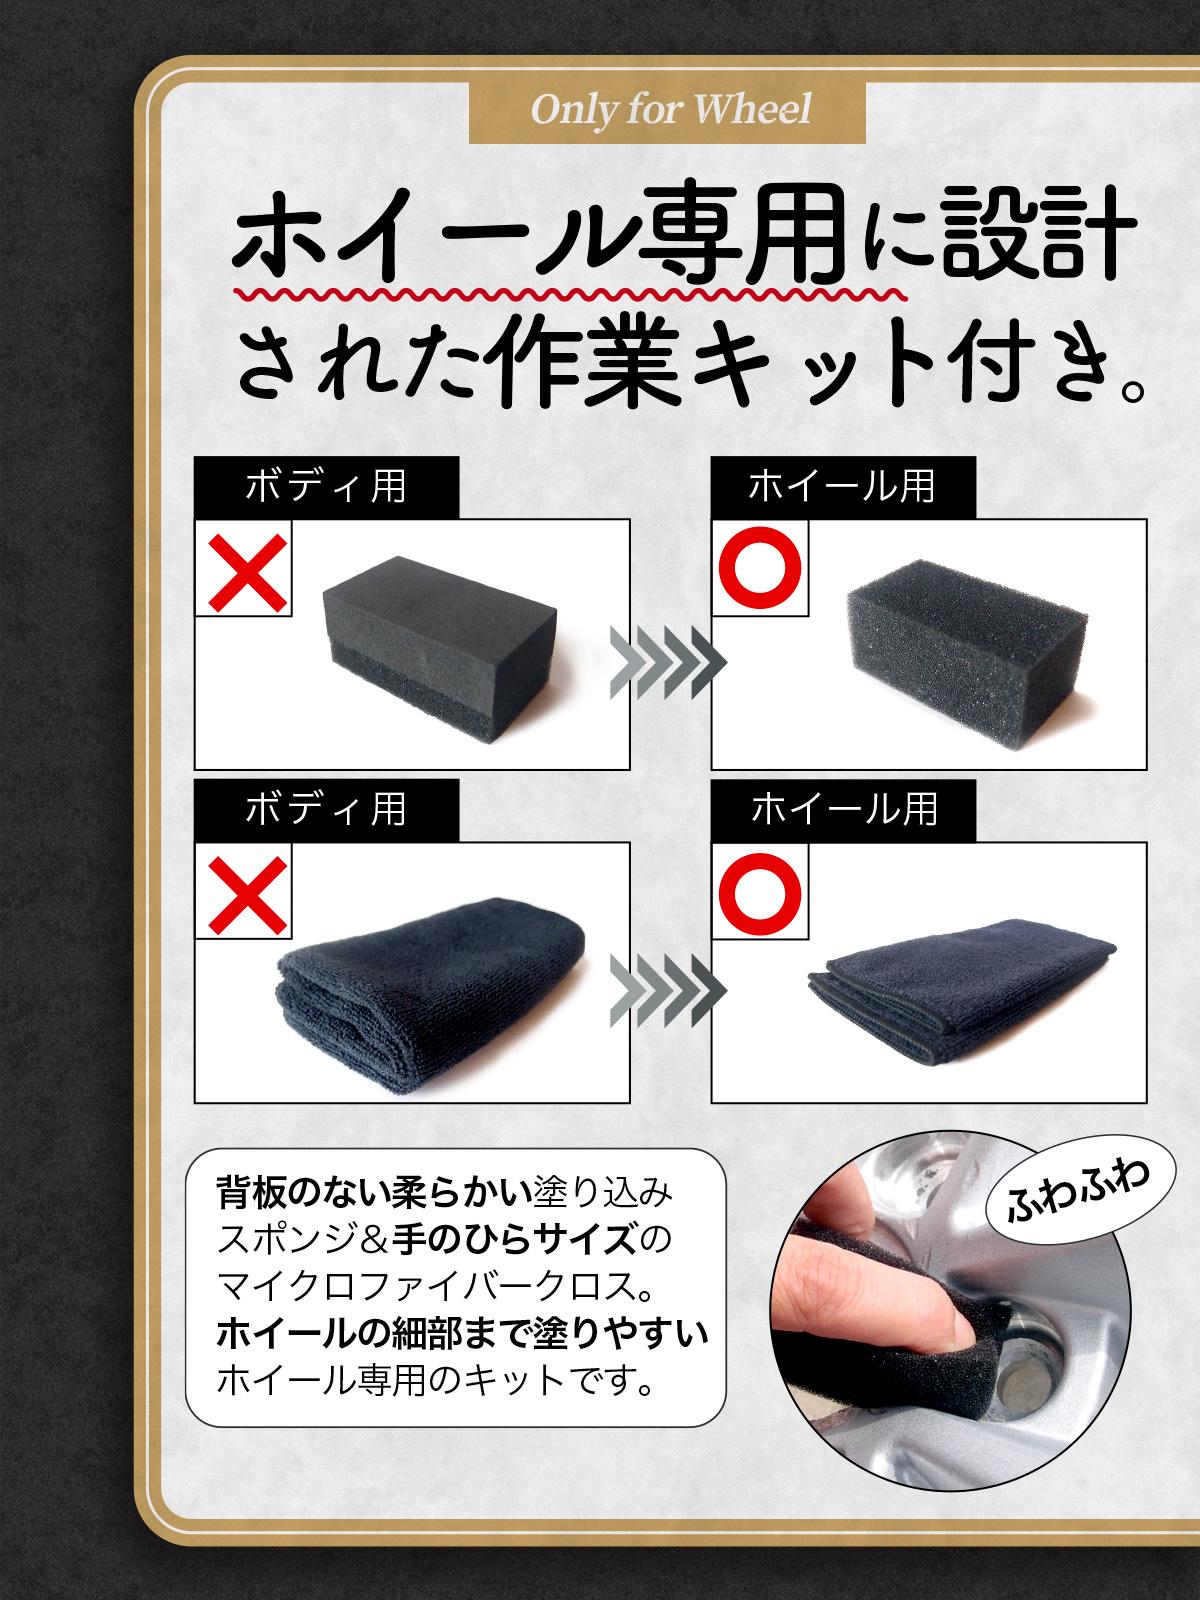 ホイール専用ガラスコーティング SAMURAI Z1 プロ仕様【高濃度フッ素 撥水性 ブレーキダスト防止】